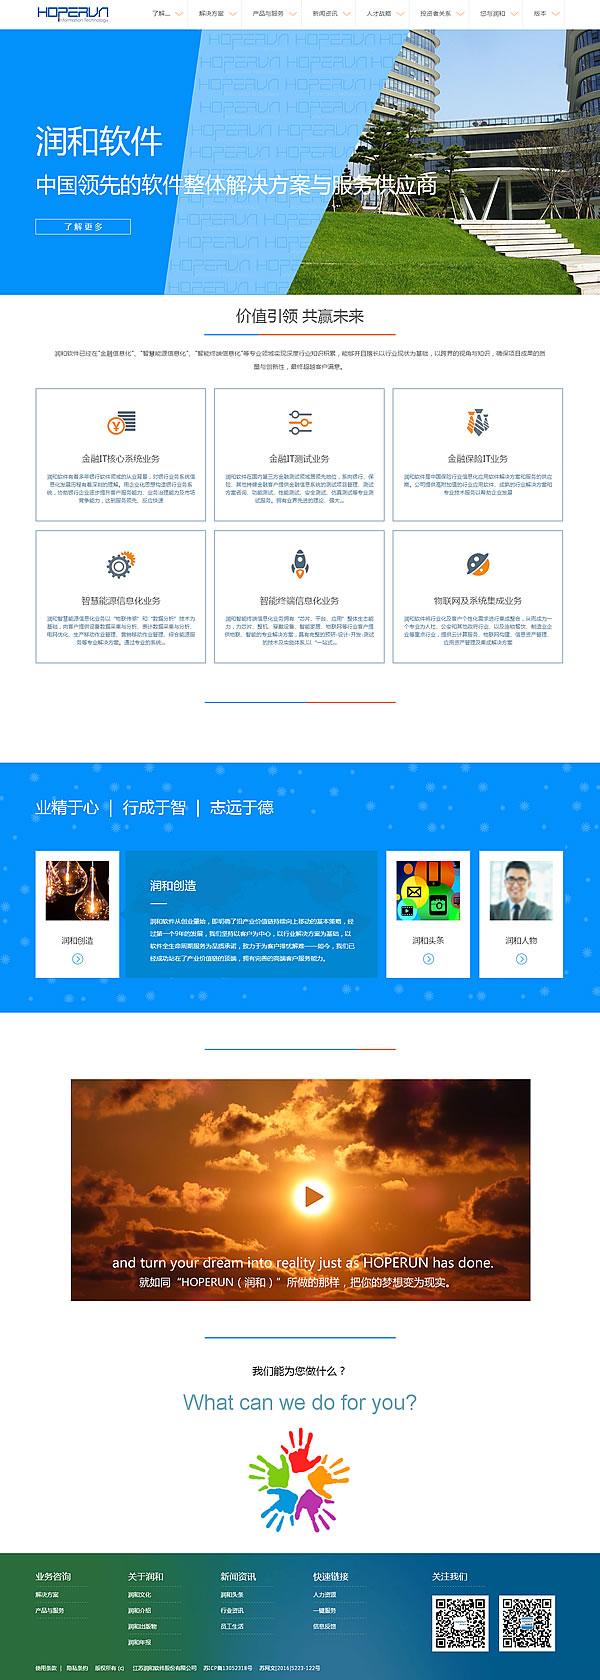 江苏润和软件股份有限公司5.jpg